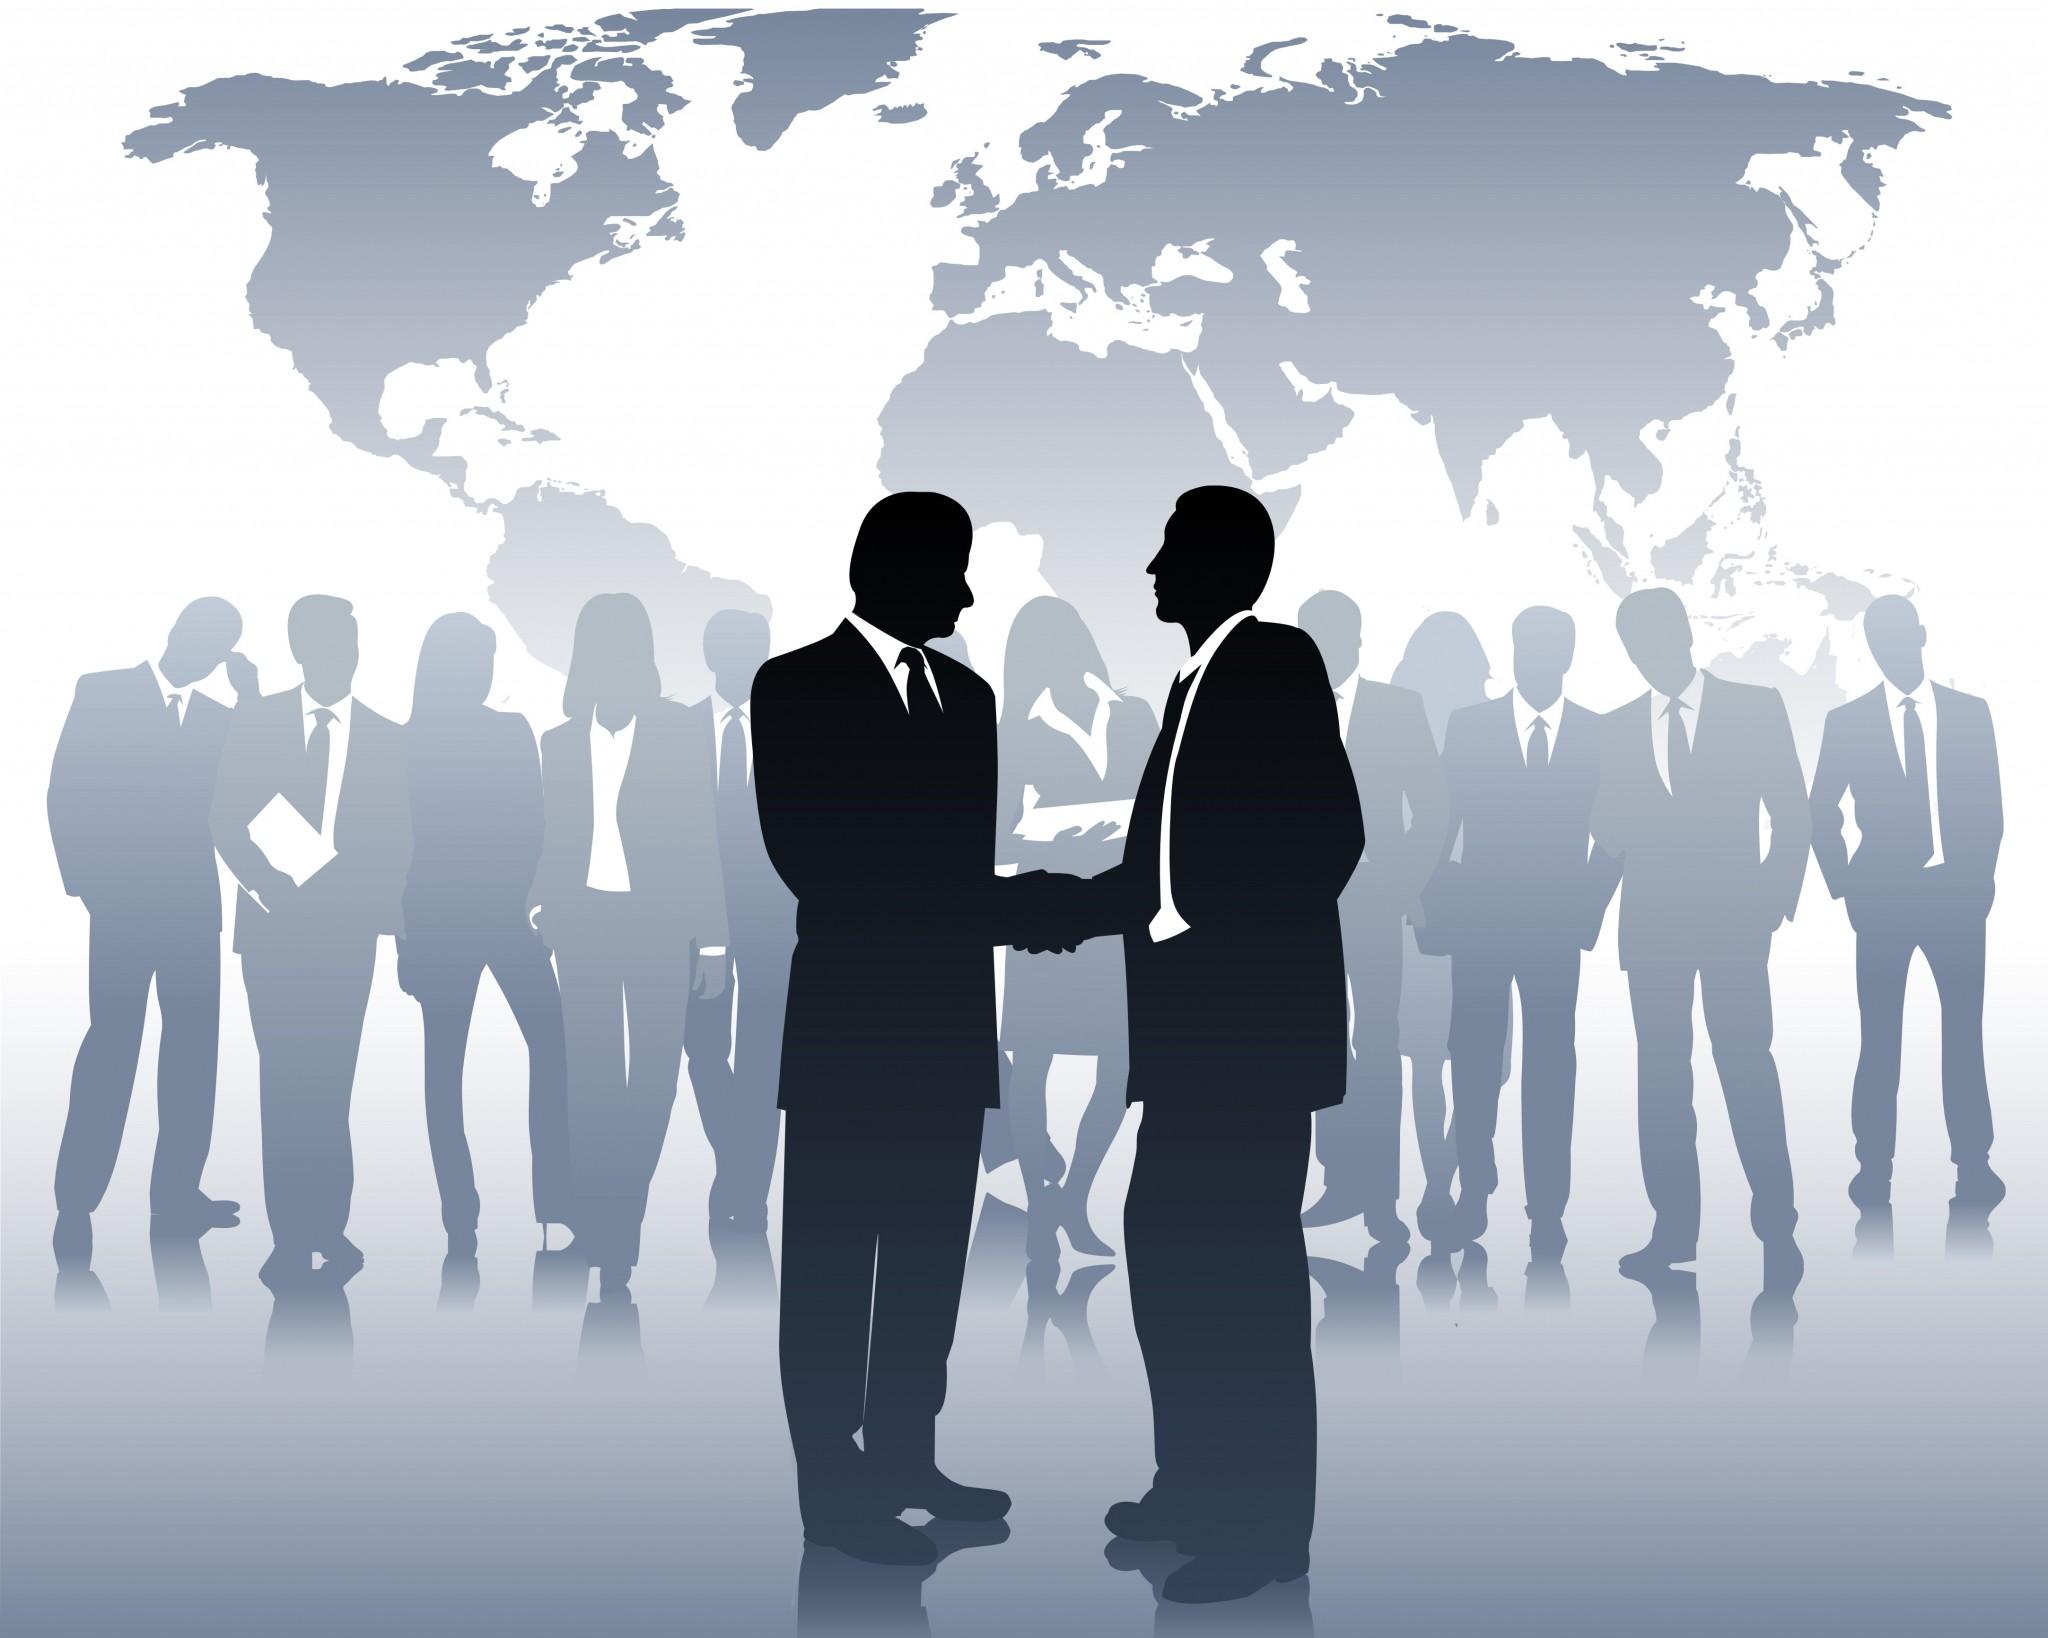 Điều kiện giải quyết tranh chấp bằng trọng tài thương mại